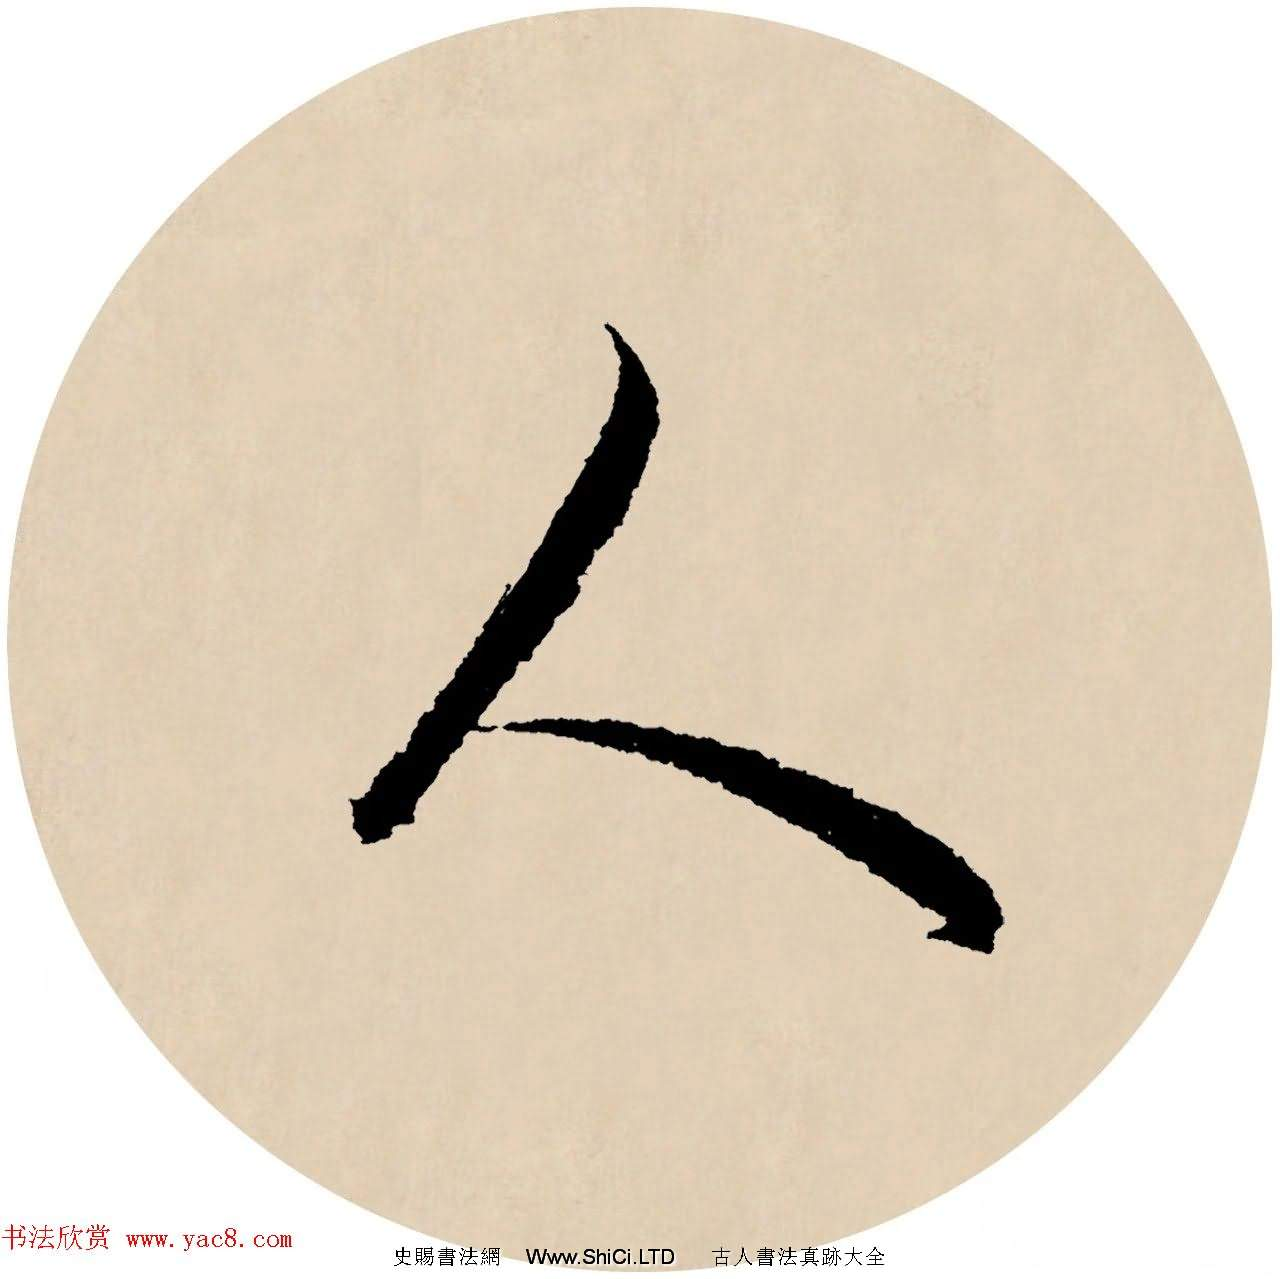 趙孟俯行書集字元曲三首《天淨沙·秋》